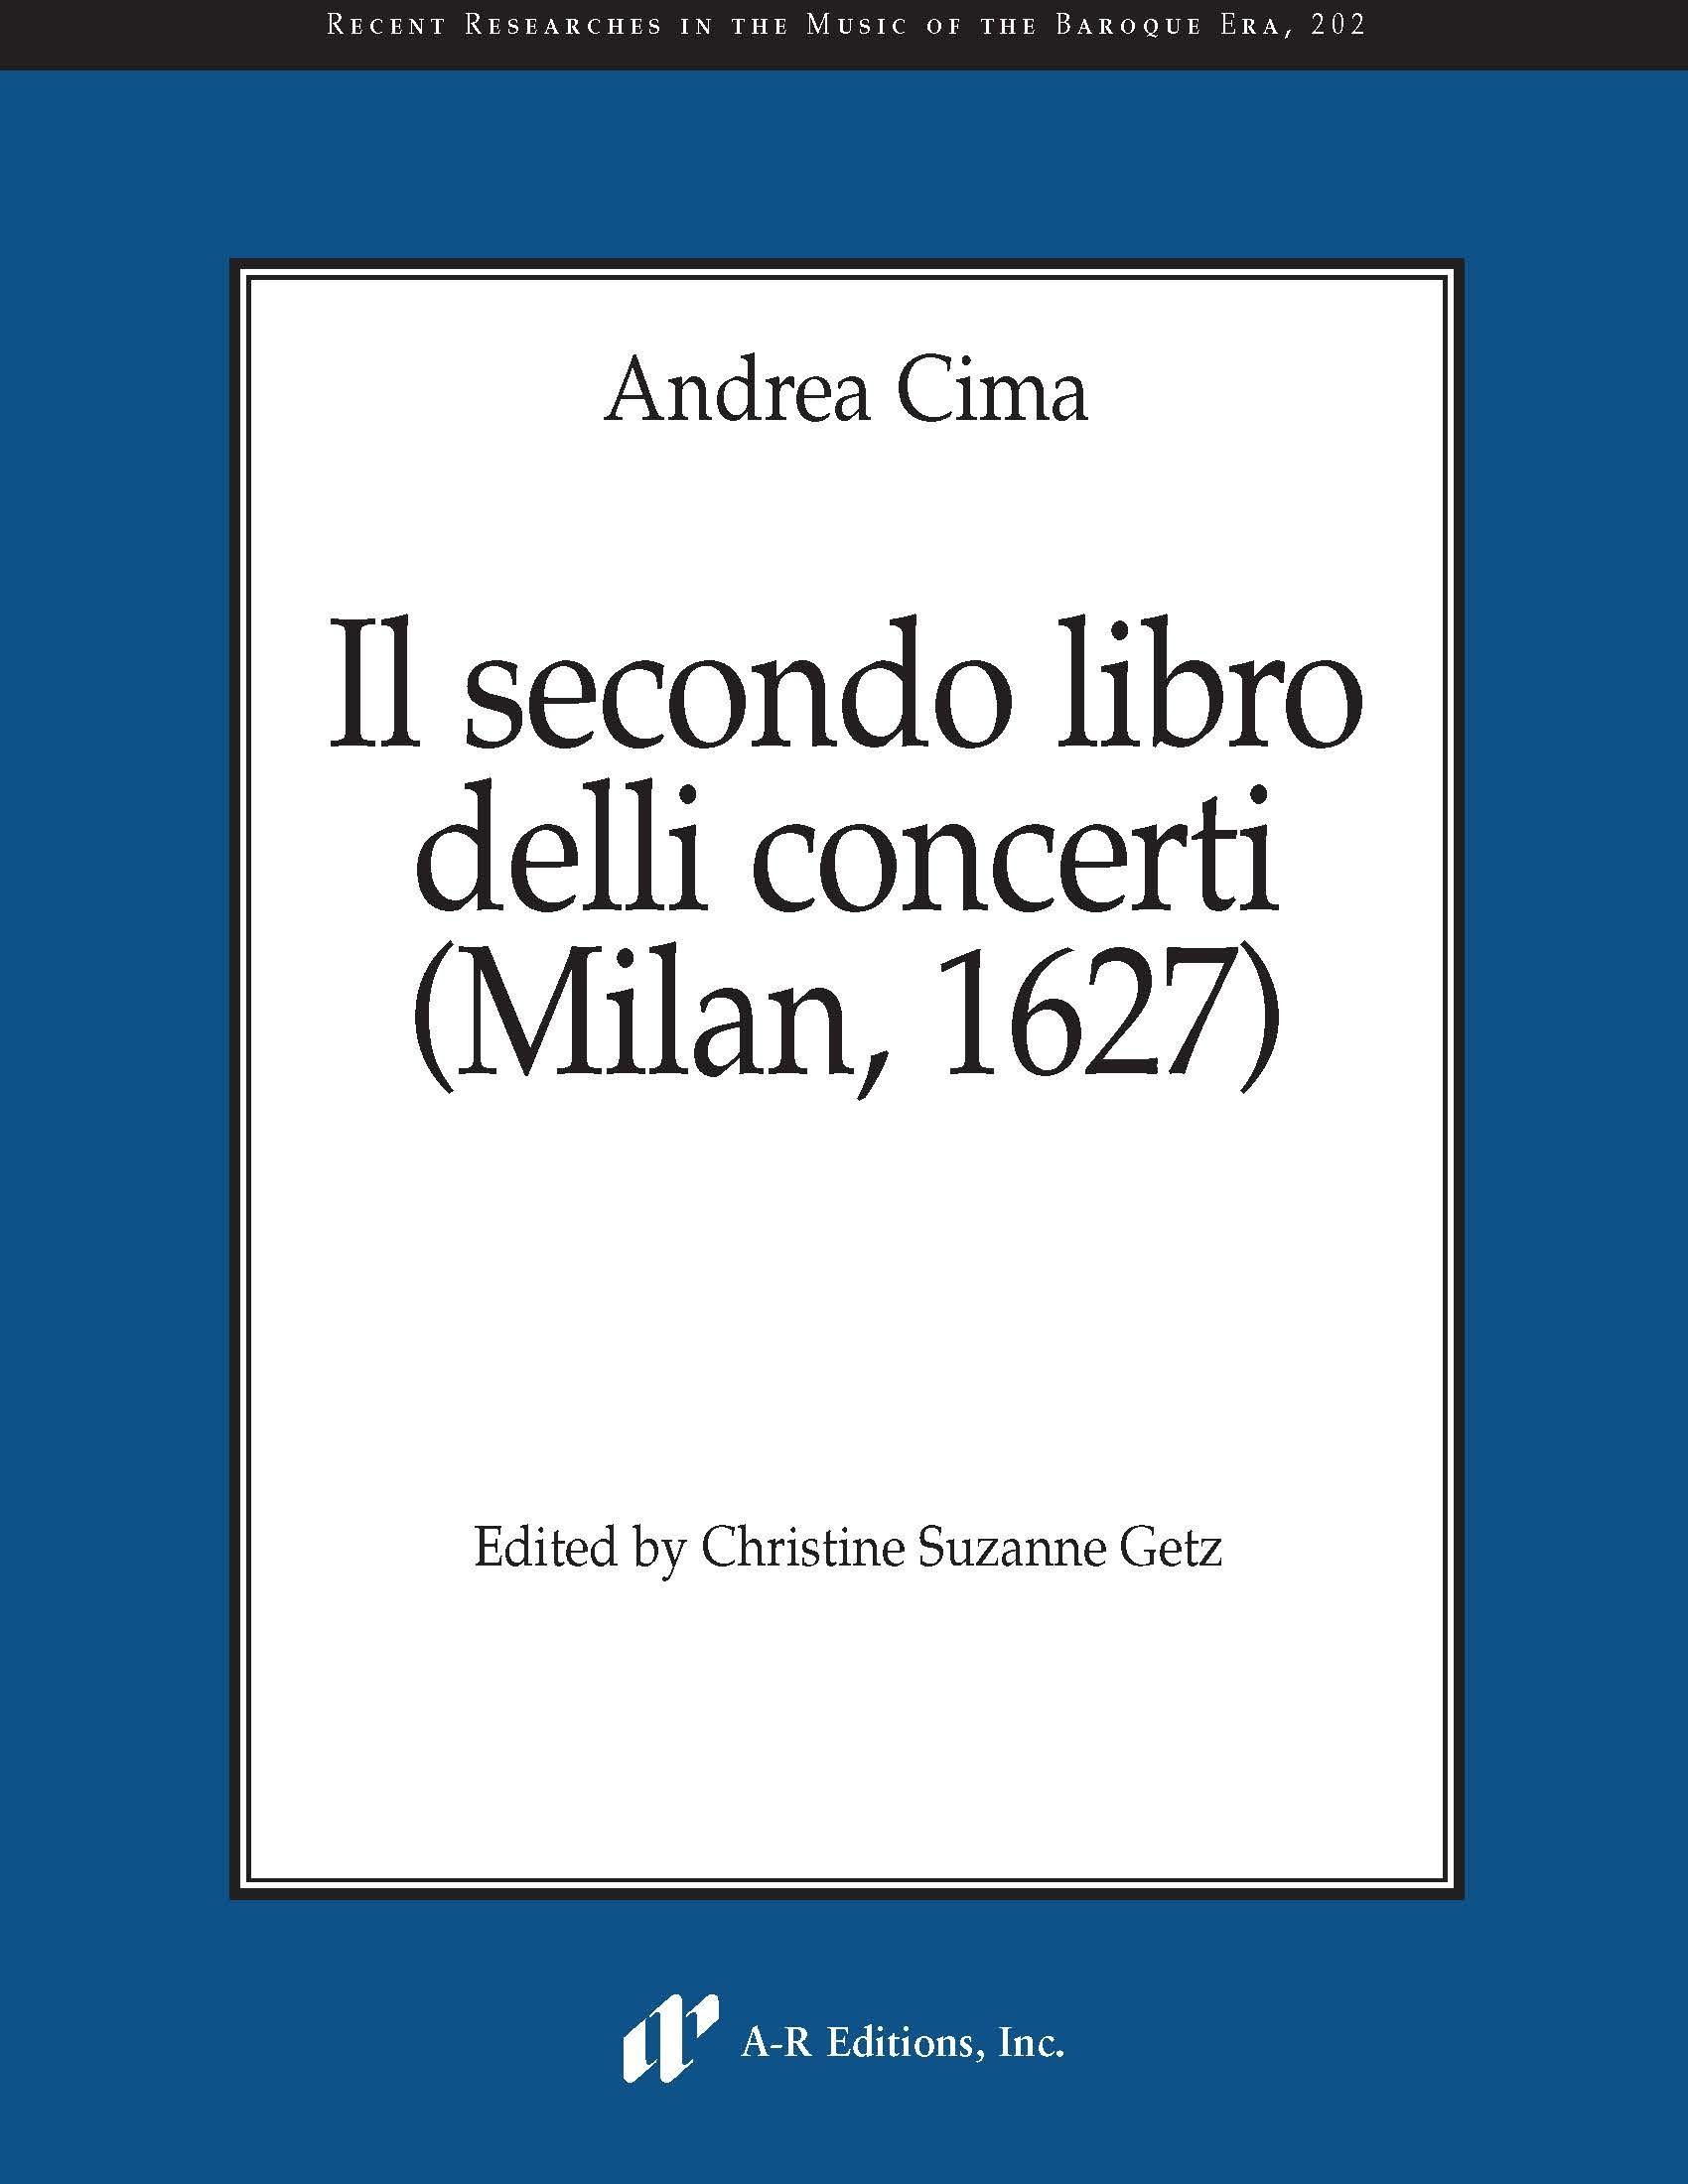 Cima: Il secondo libro delli concerti (1627)